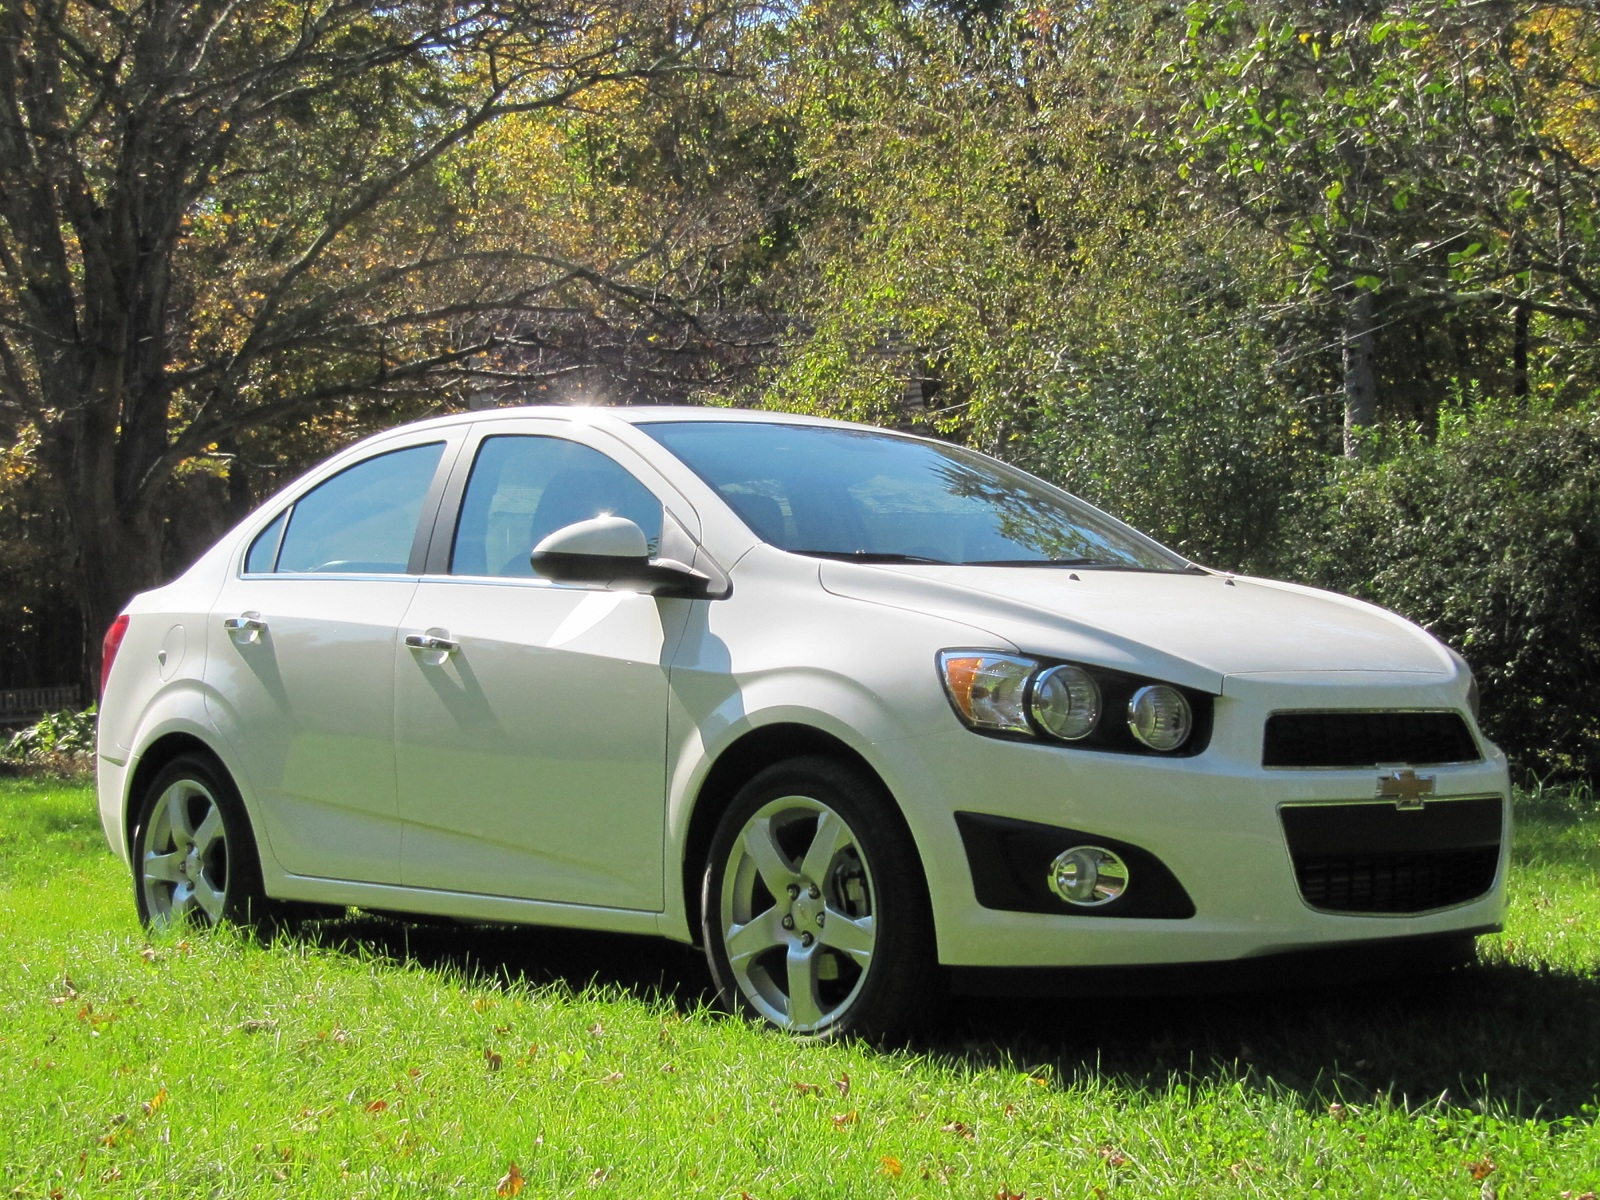 2012 Chevrolet Sonic Ltz Sedan  Weekend Test Drive